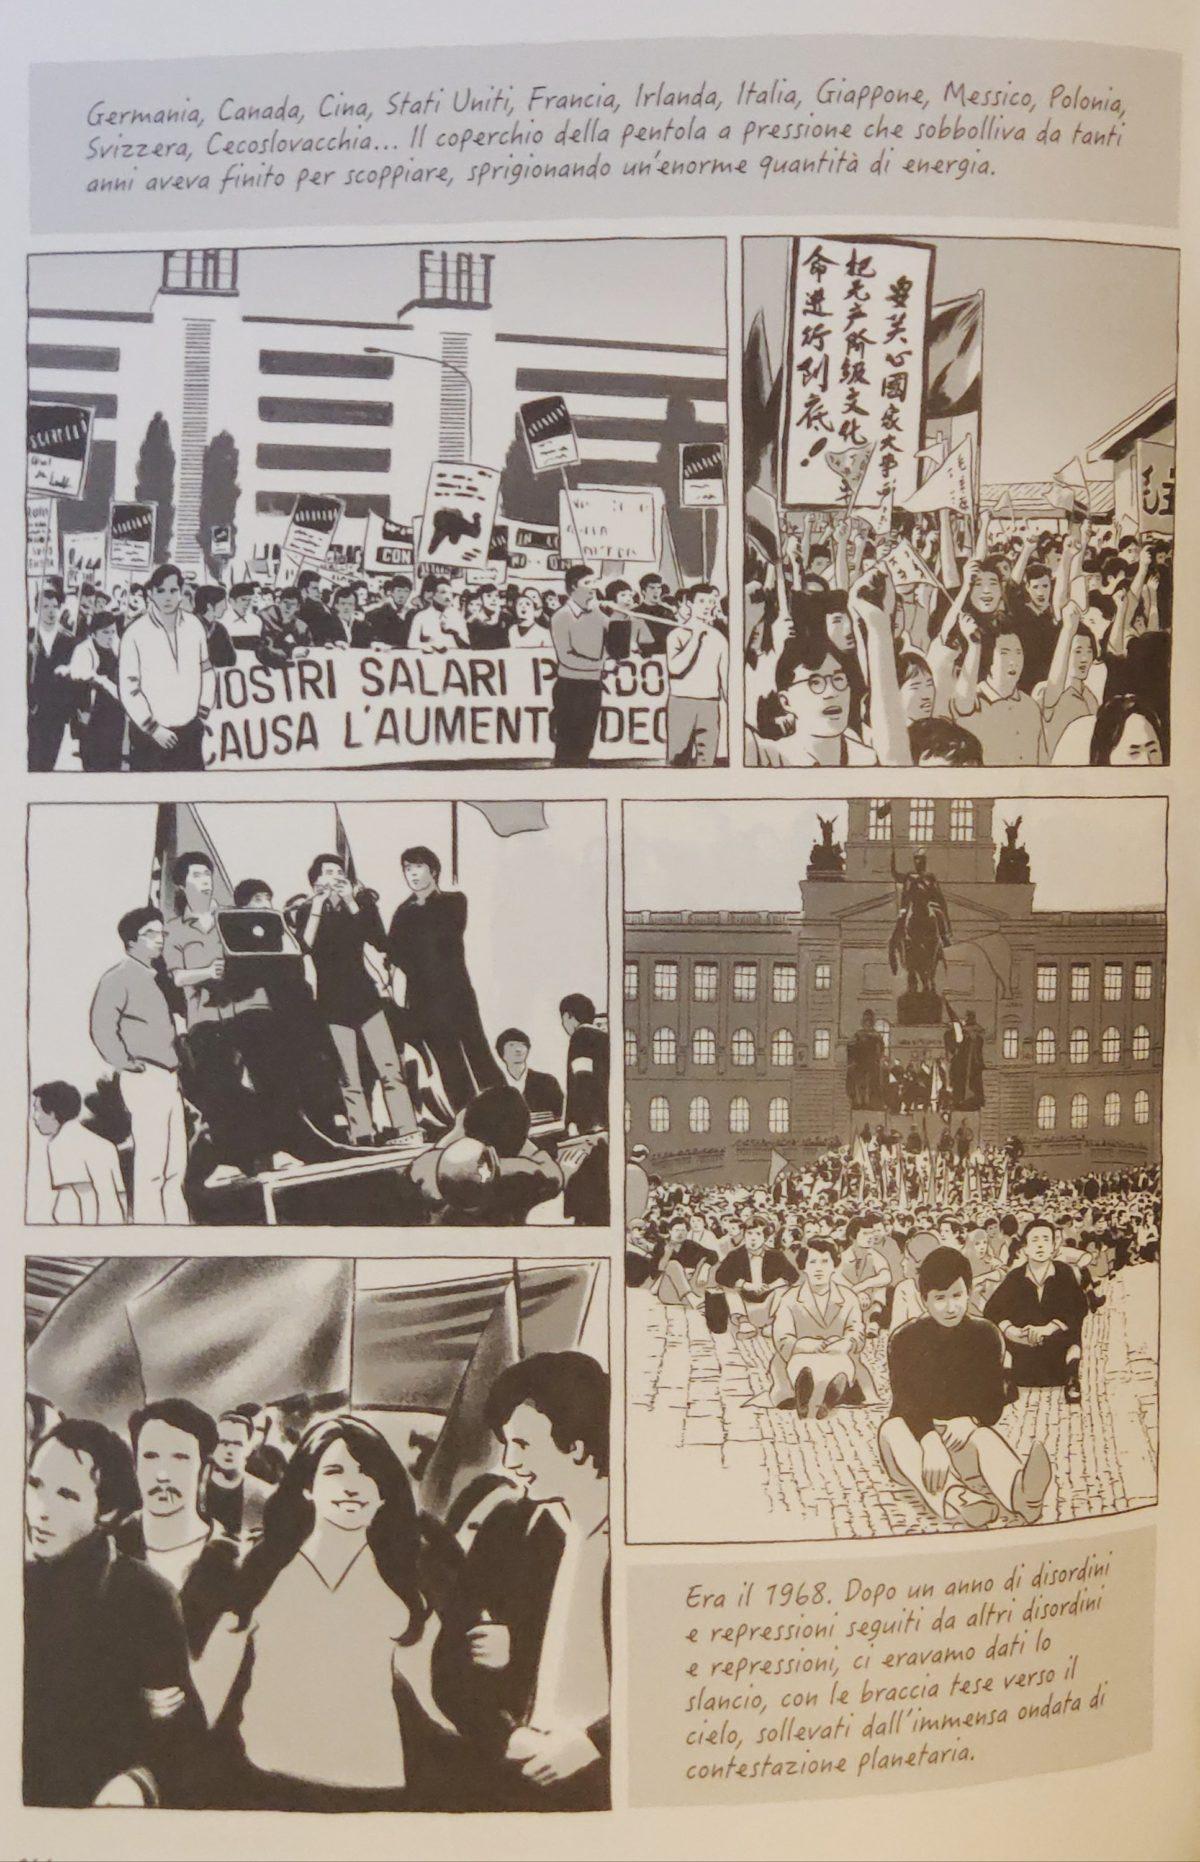 Mio caro fumetto... - Raffigurazioni delle contestazioni giovanili del 1968 in diversi paesi.